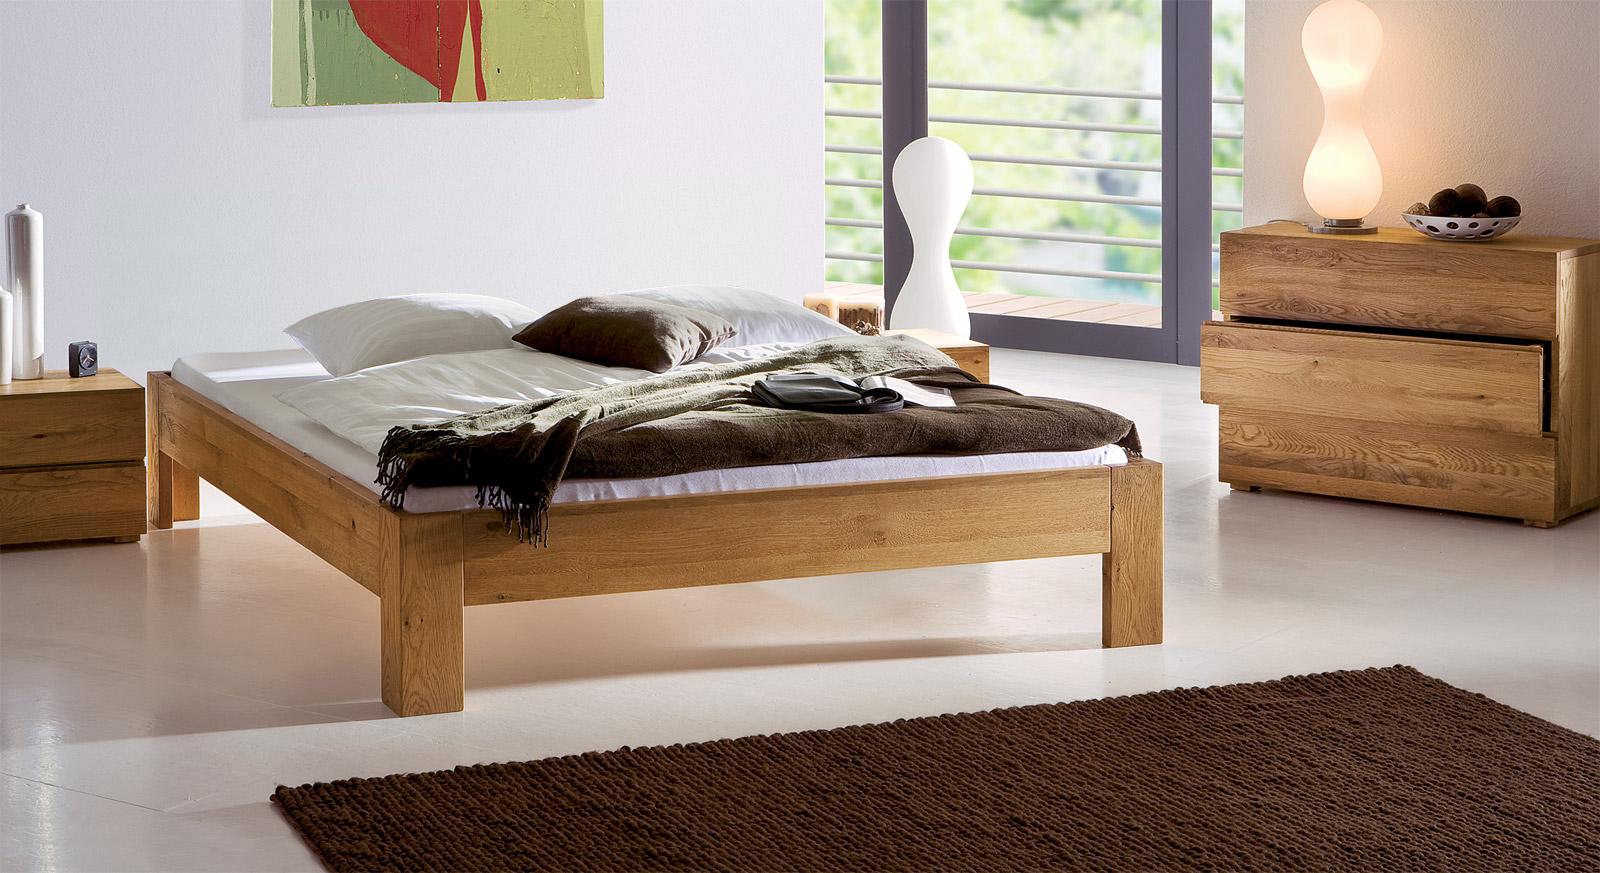 Stilvolle Liege Bayamo aus Eiche naturfarben mit passenden Produkten